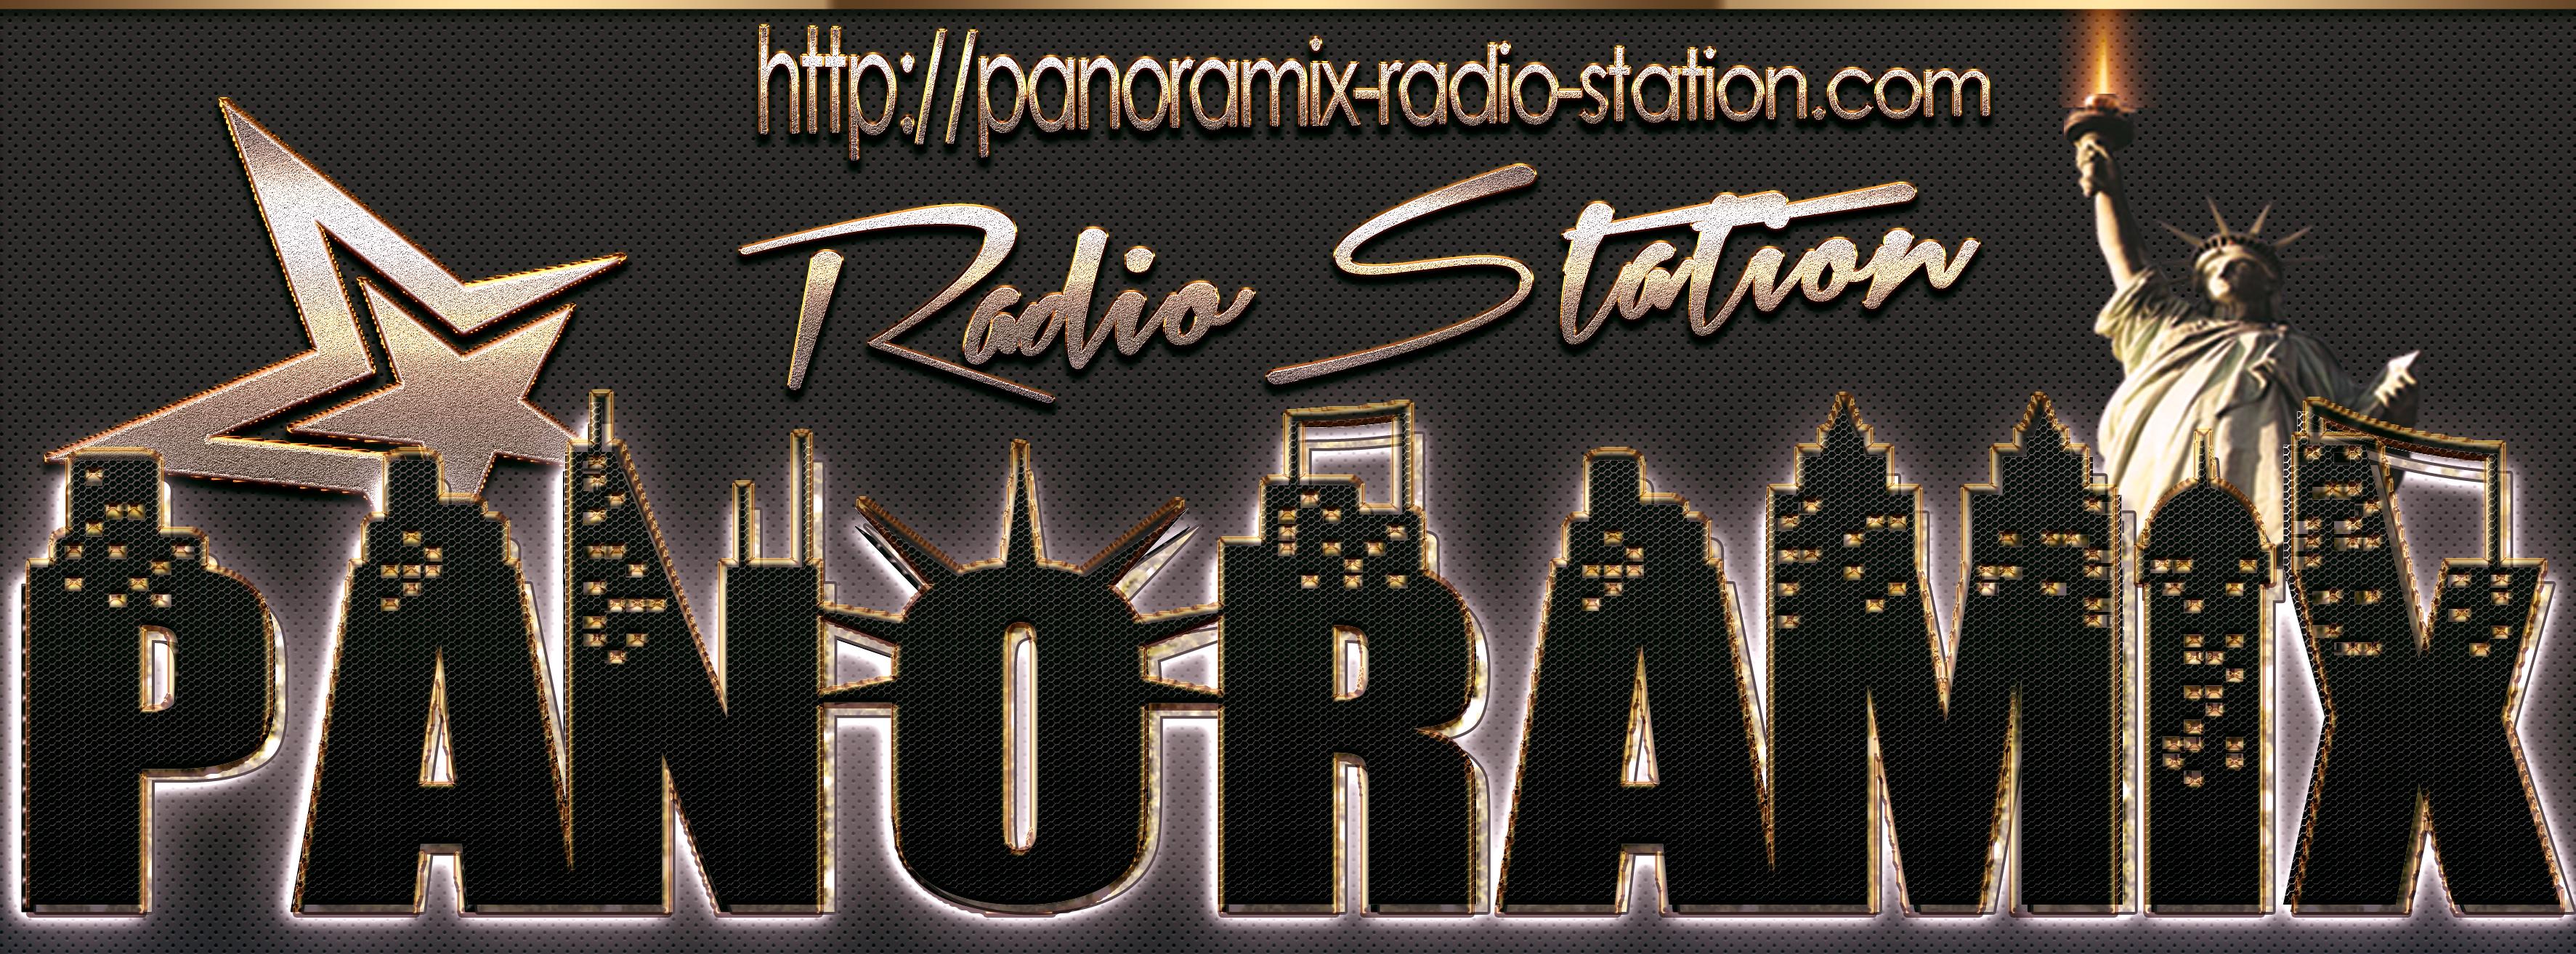 http://panoramix-radio-station.com/wp-content/uploads/2018/01/PANORAMIX-B-banniere-2018-PANO.jpg